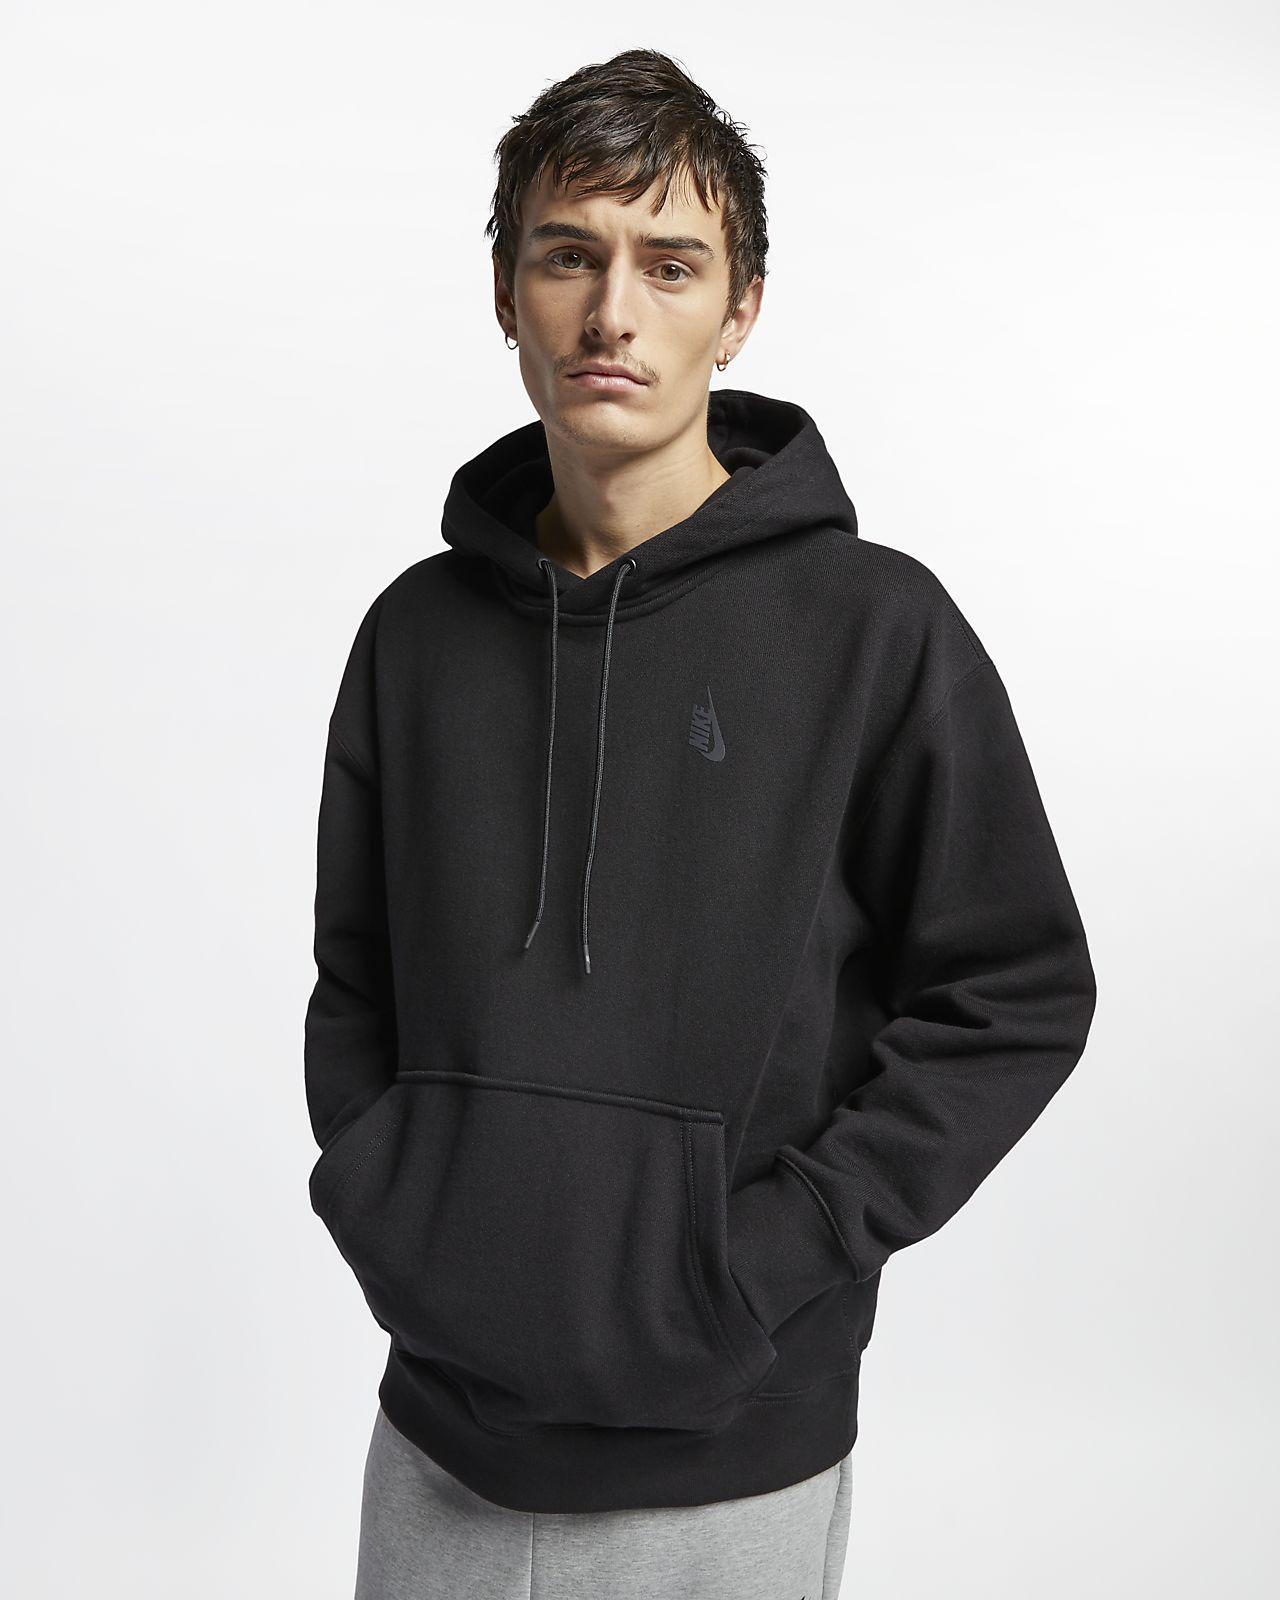 เสื้อมีฮู้ดผ้าฟลีซผู้ชายแบบสวม NikeLab Collection